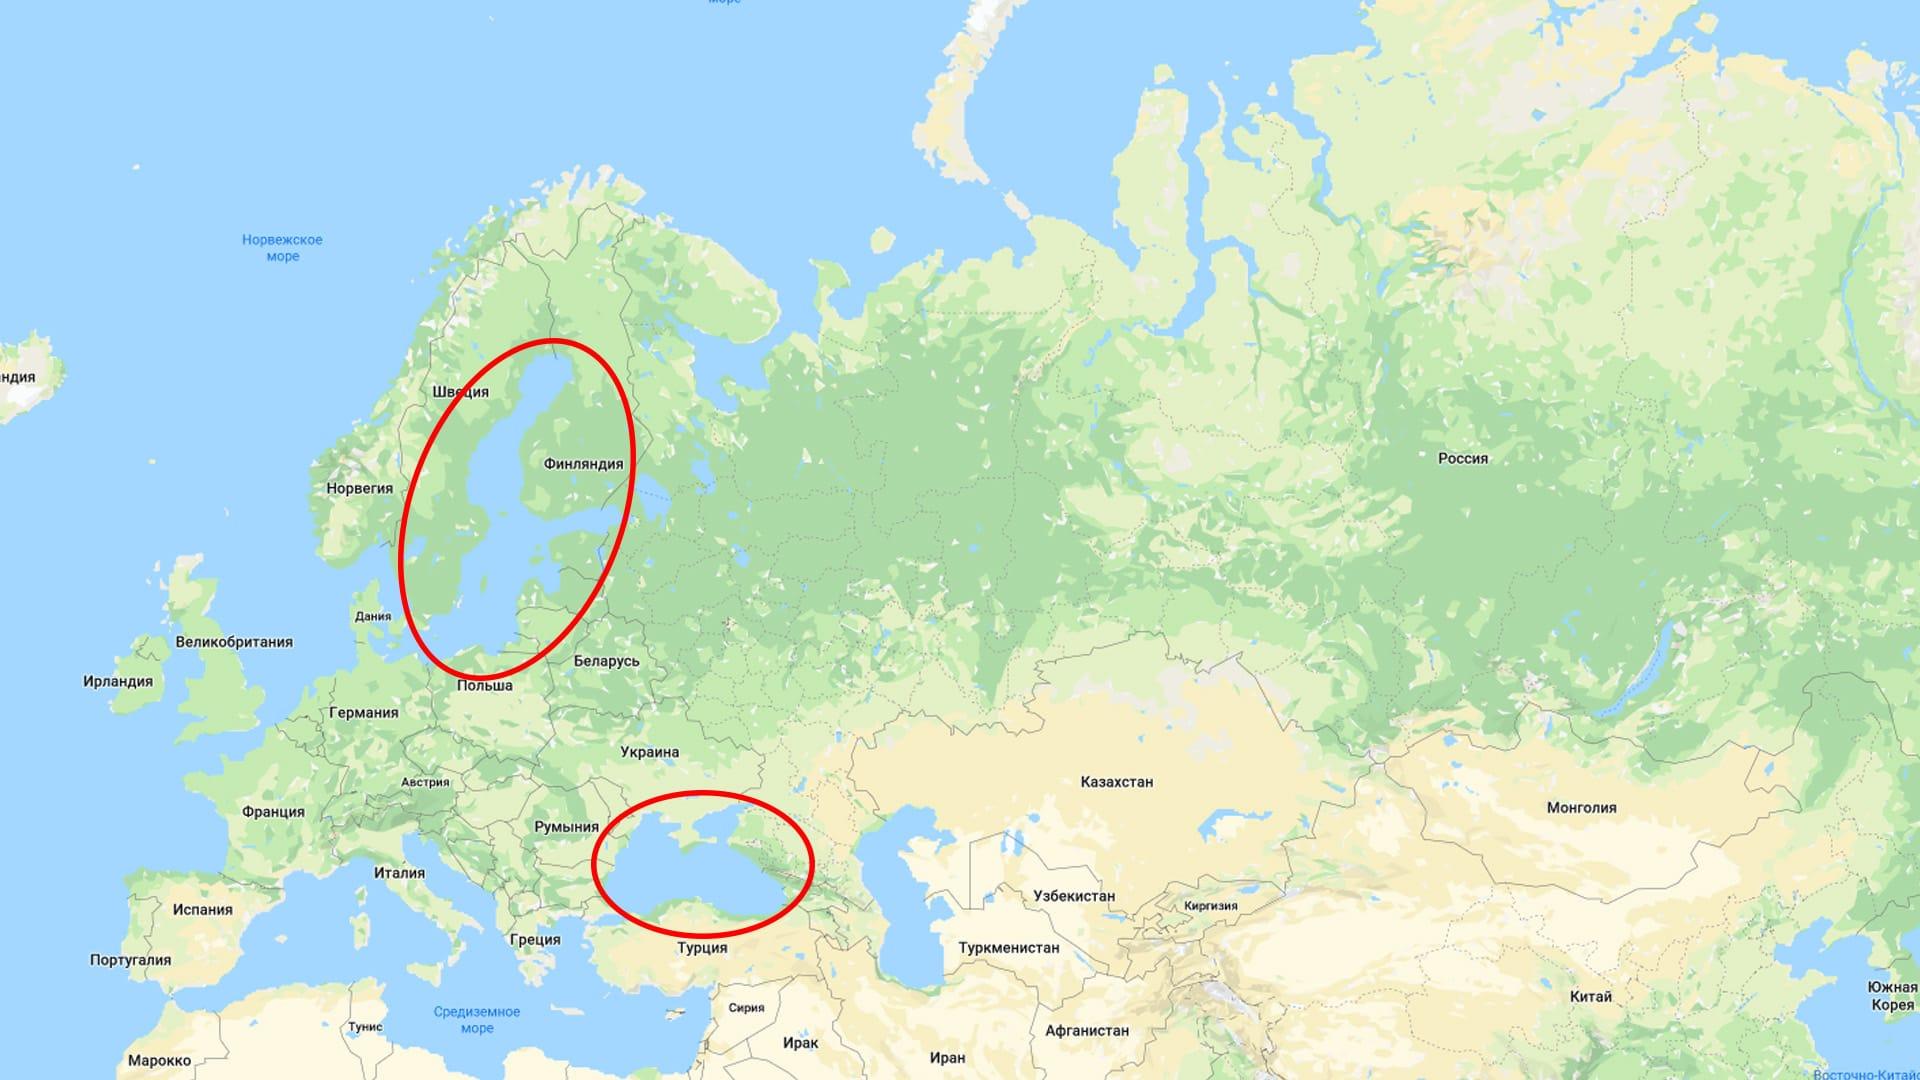 Моря Атлантического океана, омывающие Россию